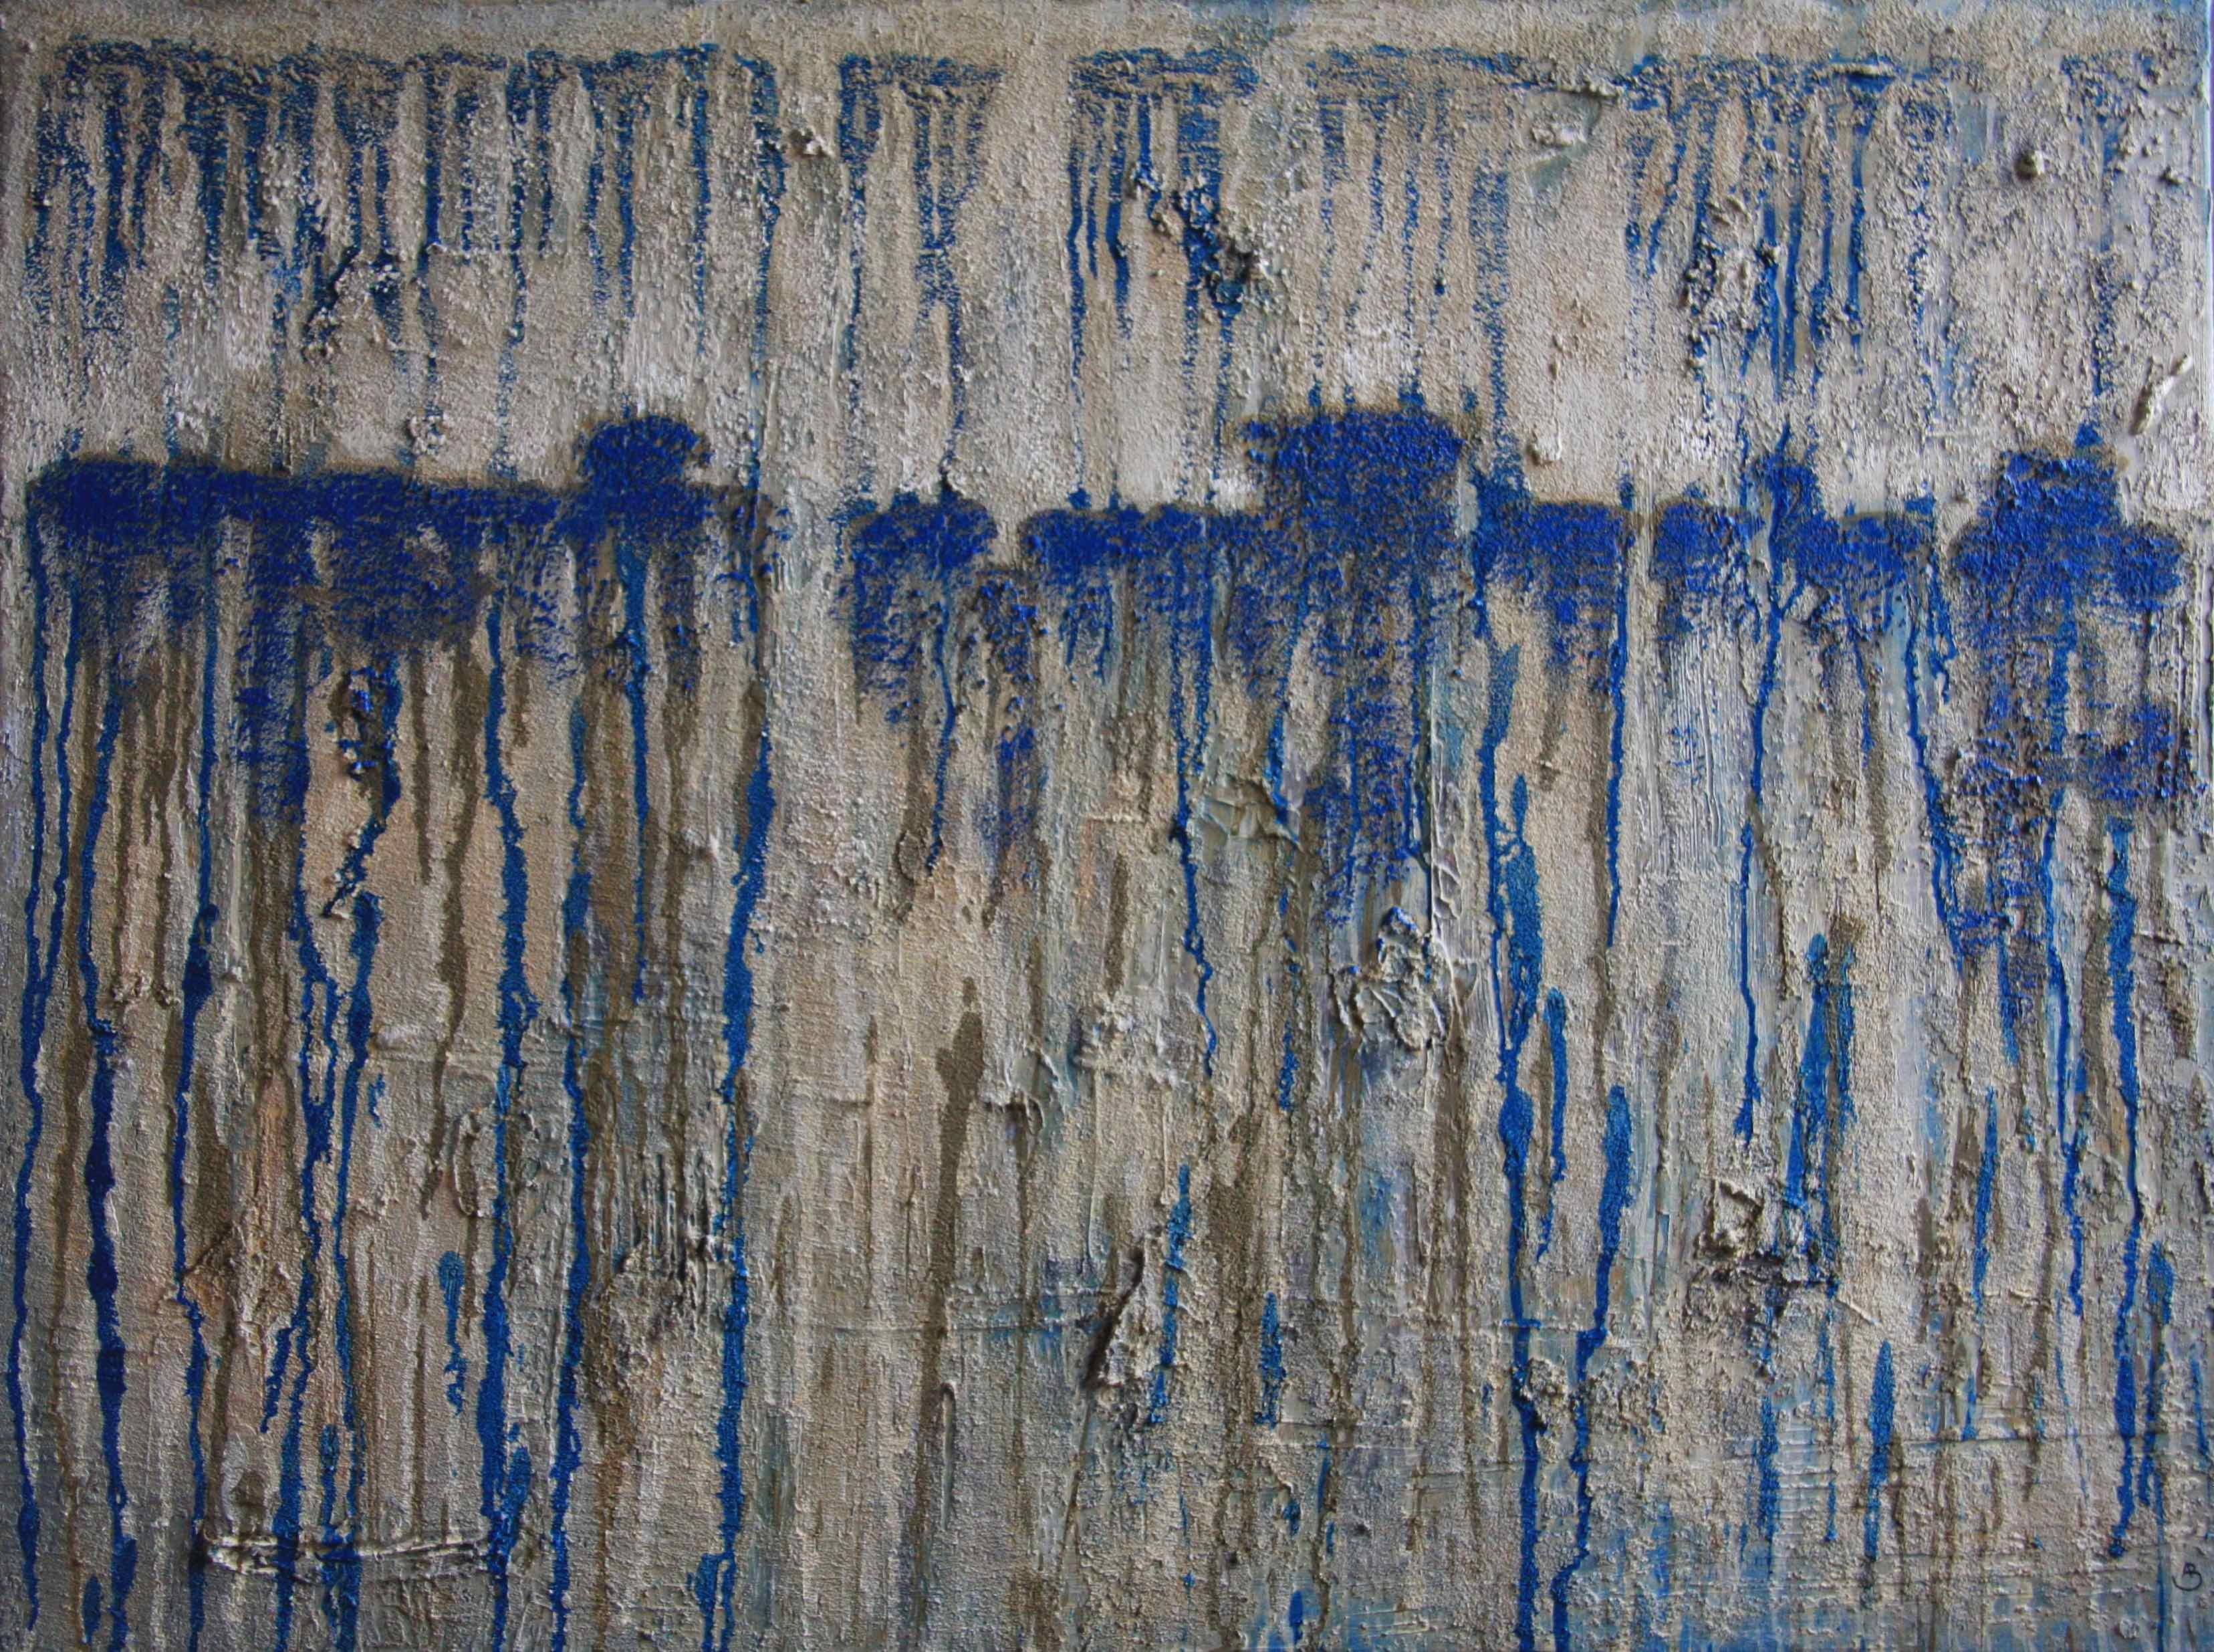 Blue Drops 60x80